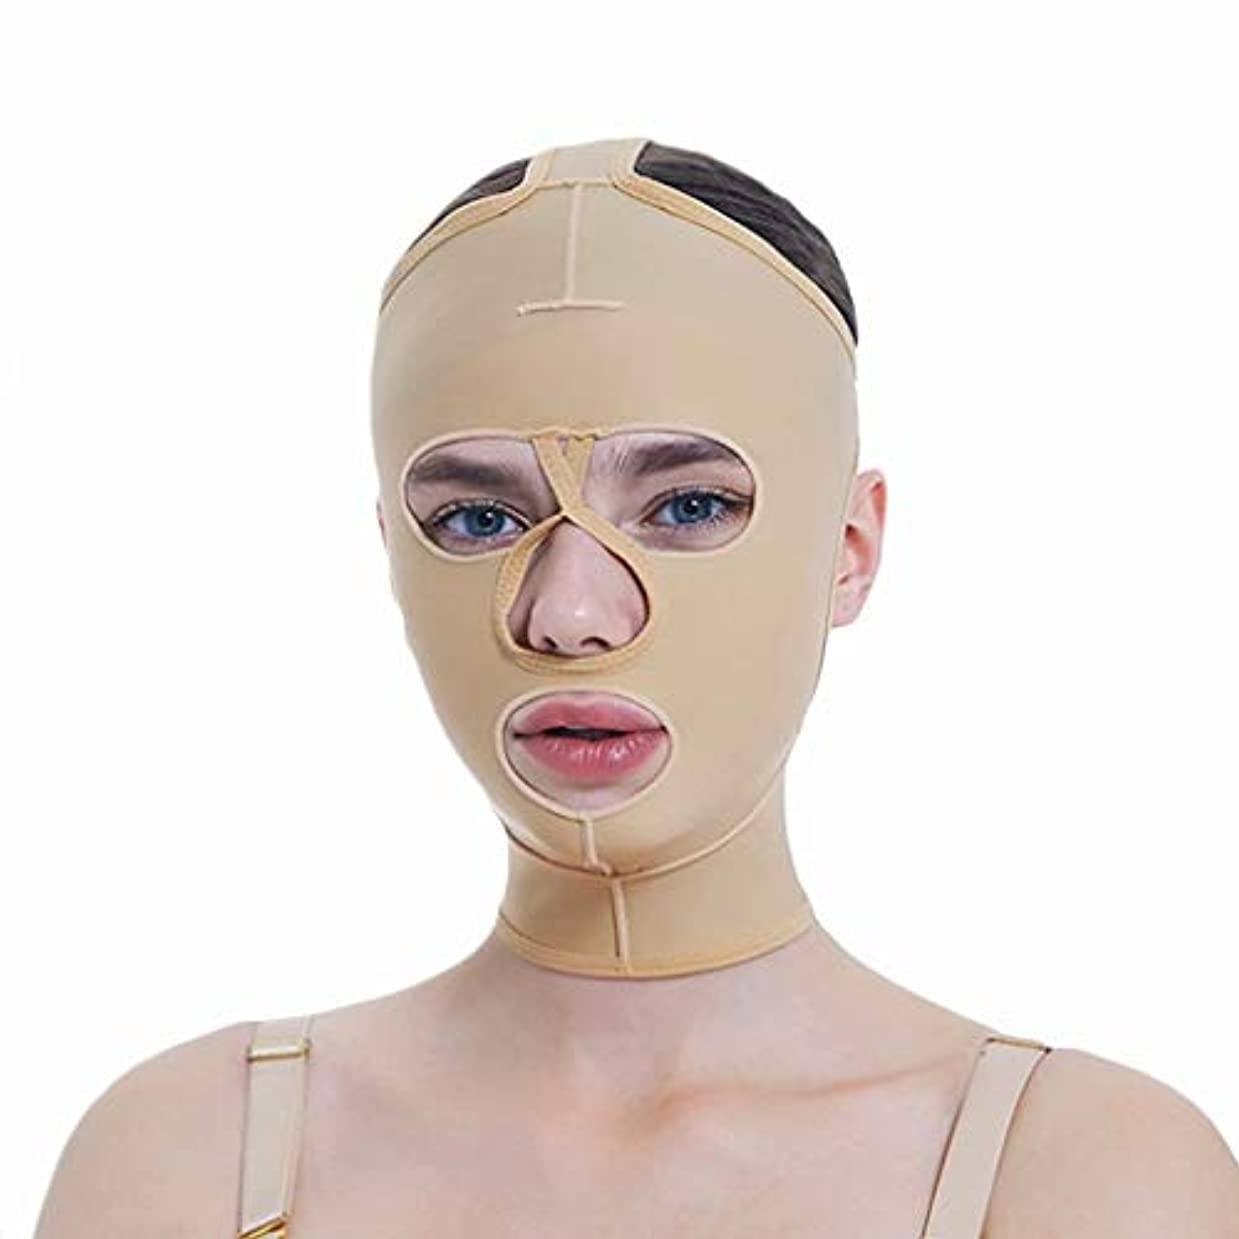 開示するに応じて旅フェイシャル減量マスク、フルカバレッジ包帯、フルフェイスリフティングマスク、フェイスマスク、快適で リフティングシェーピング(サイズ:S),XXL